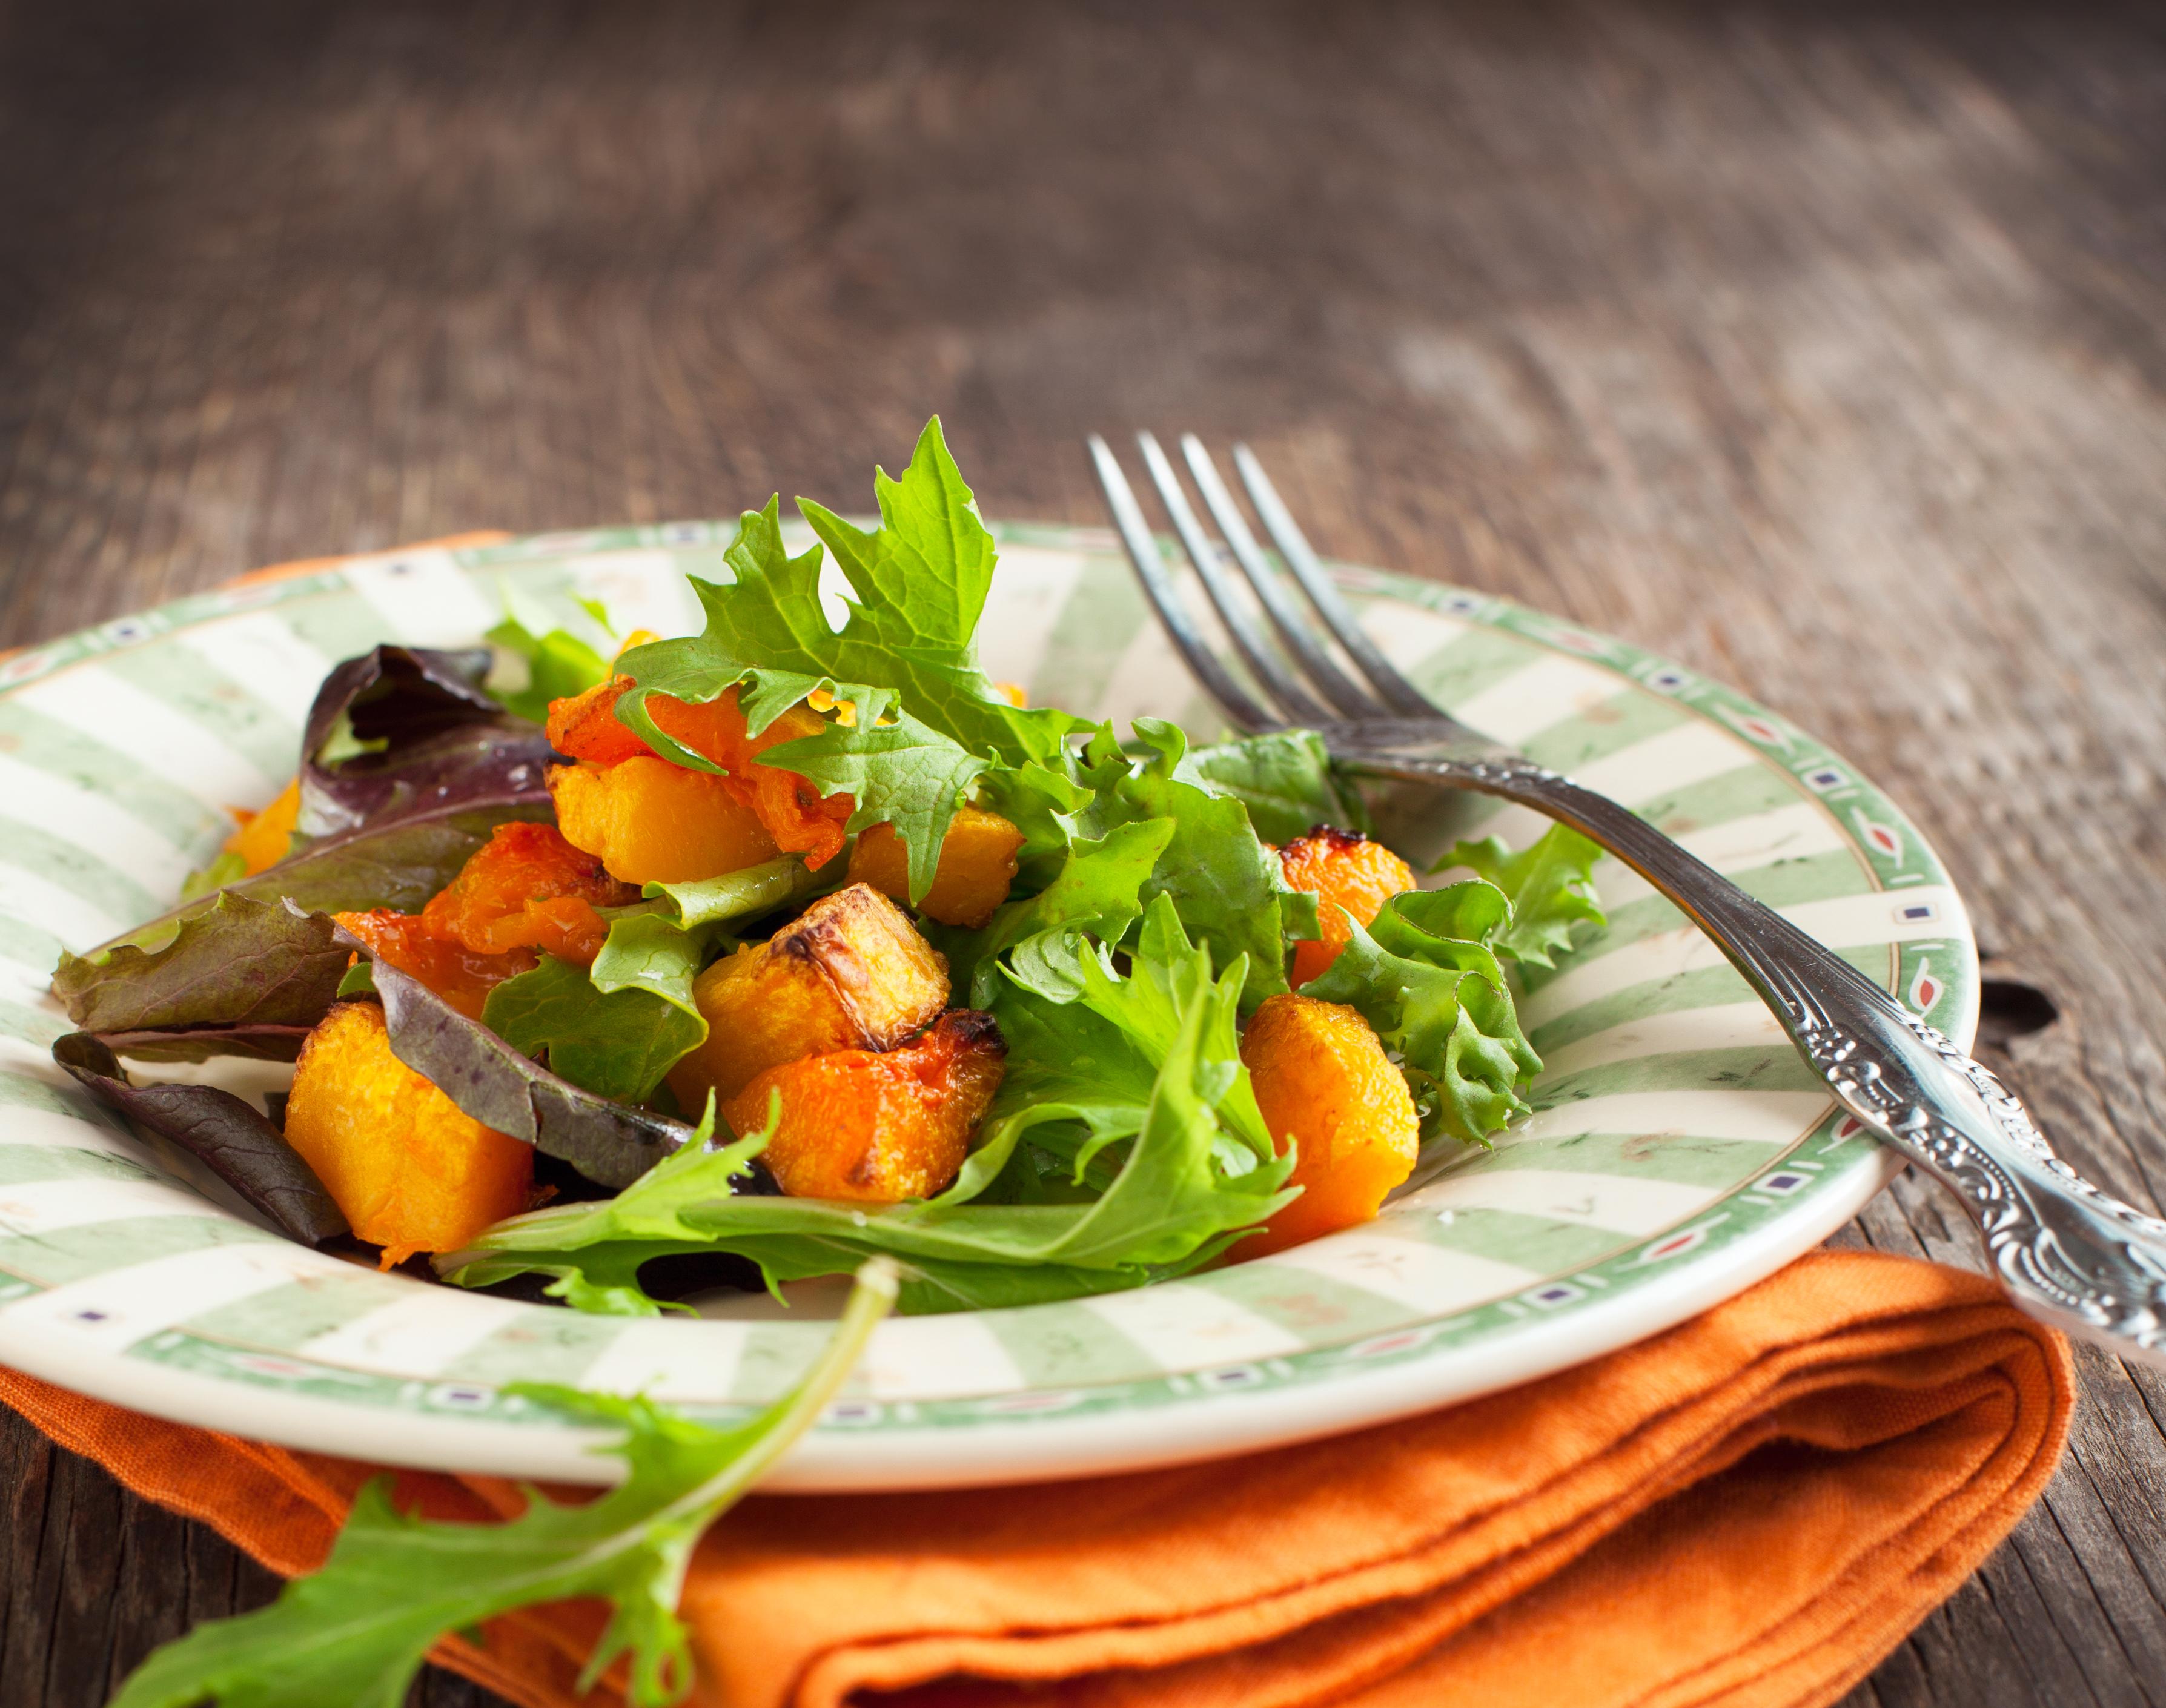 Порционный салат на тарелке